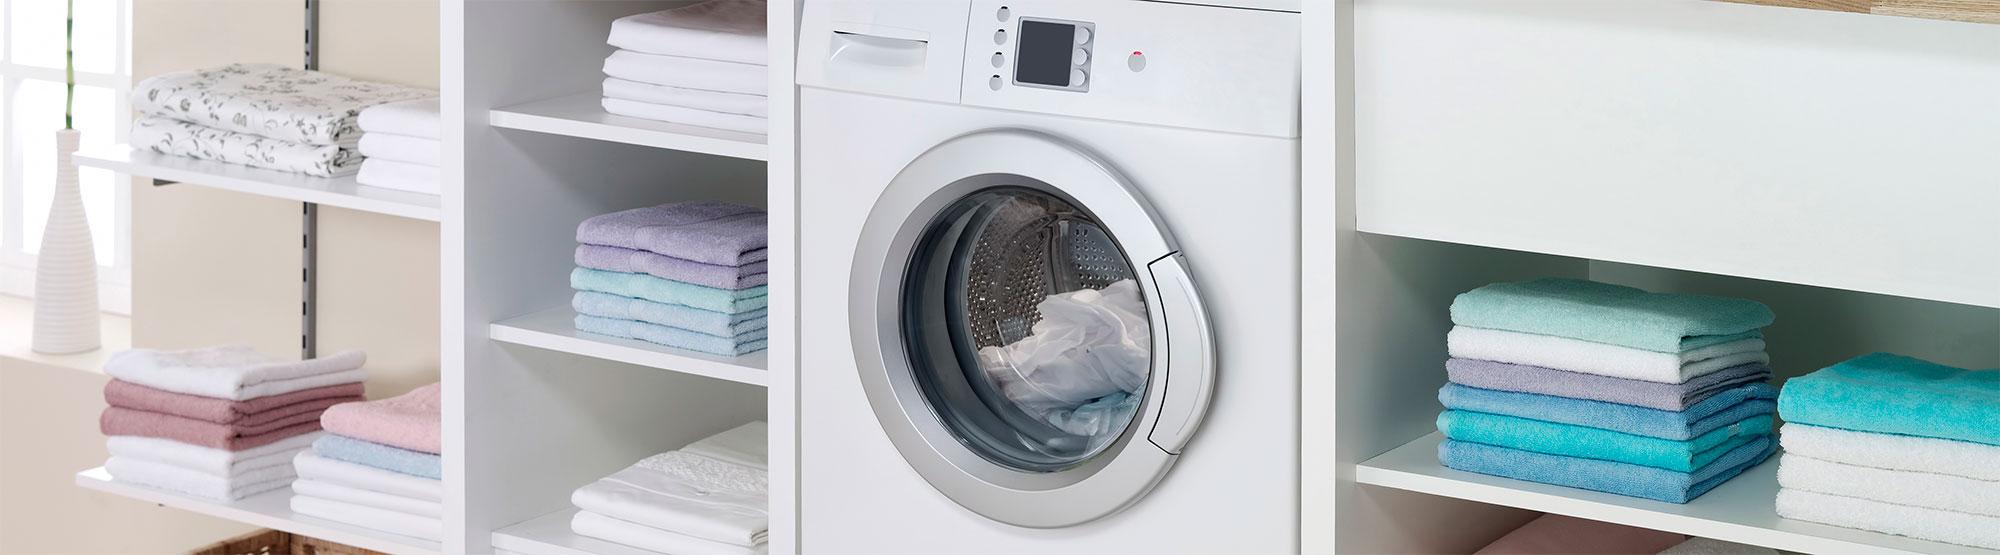 Bosch Wkd28541 Einbau Waschtrockner